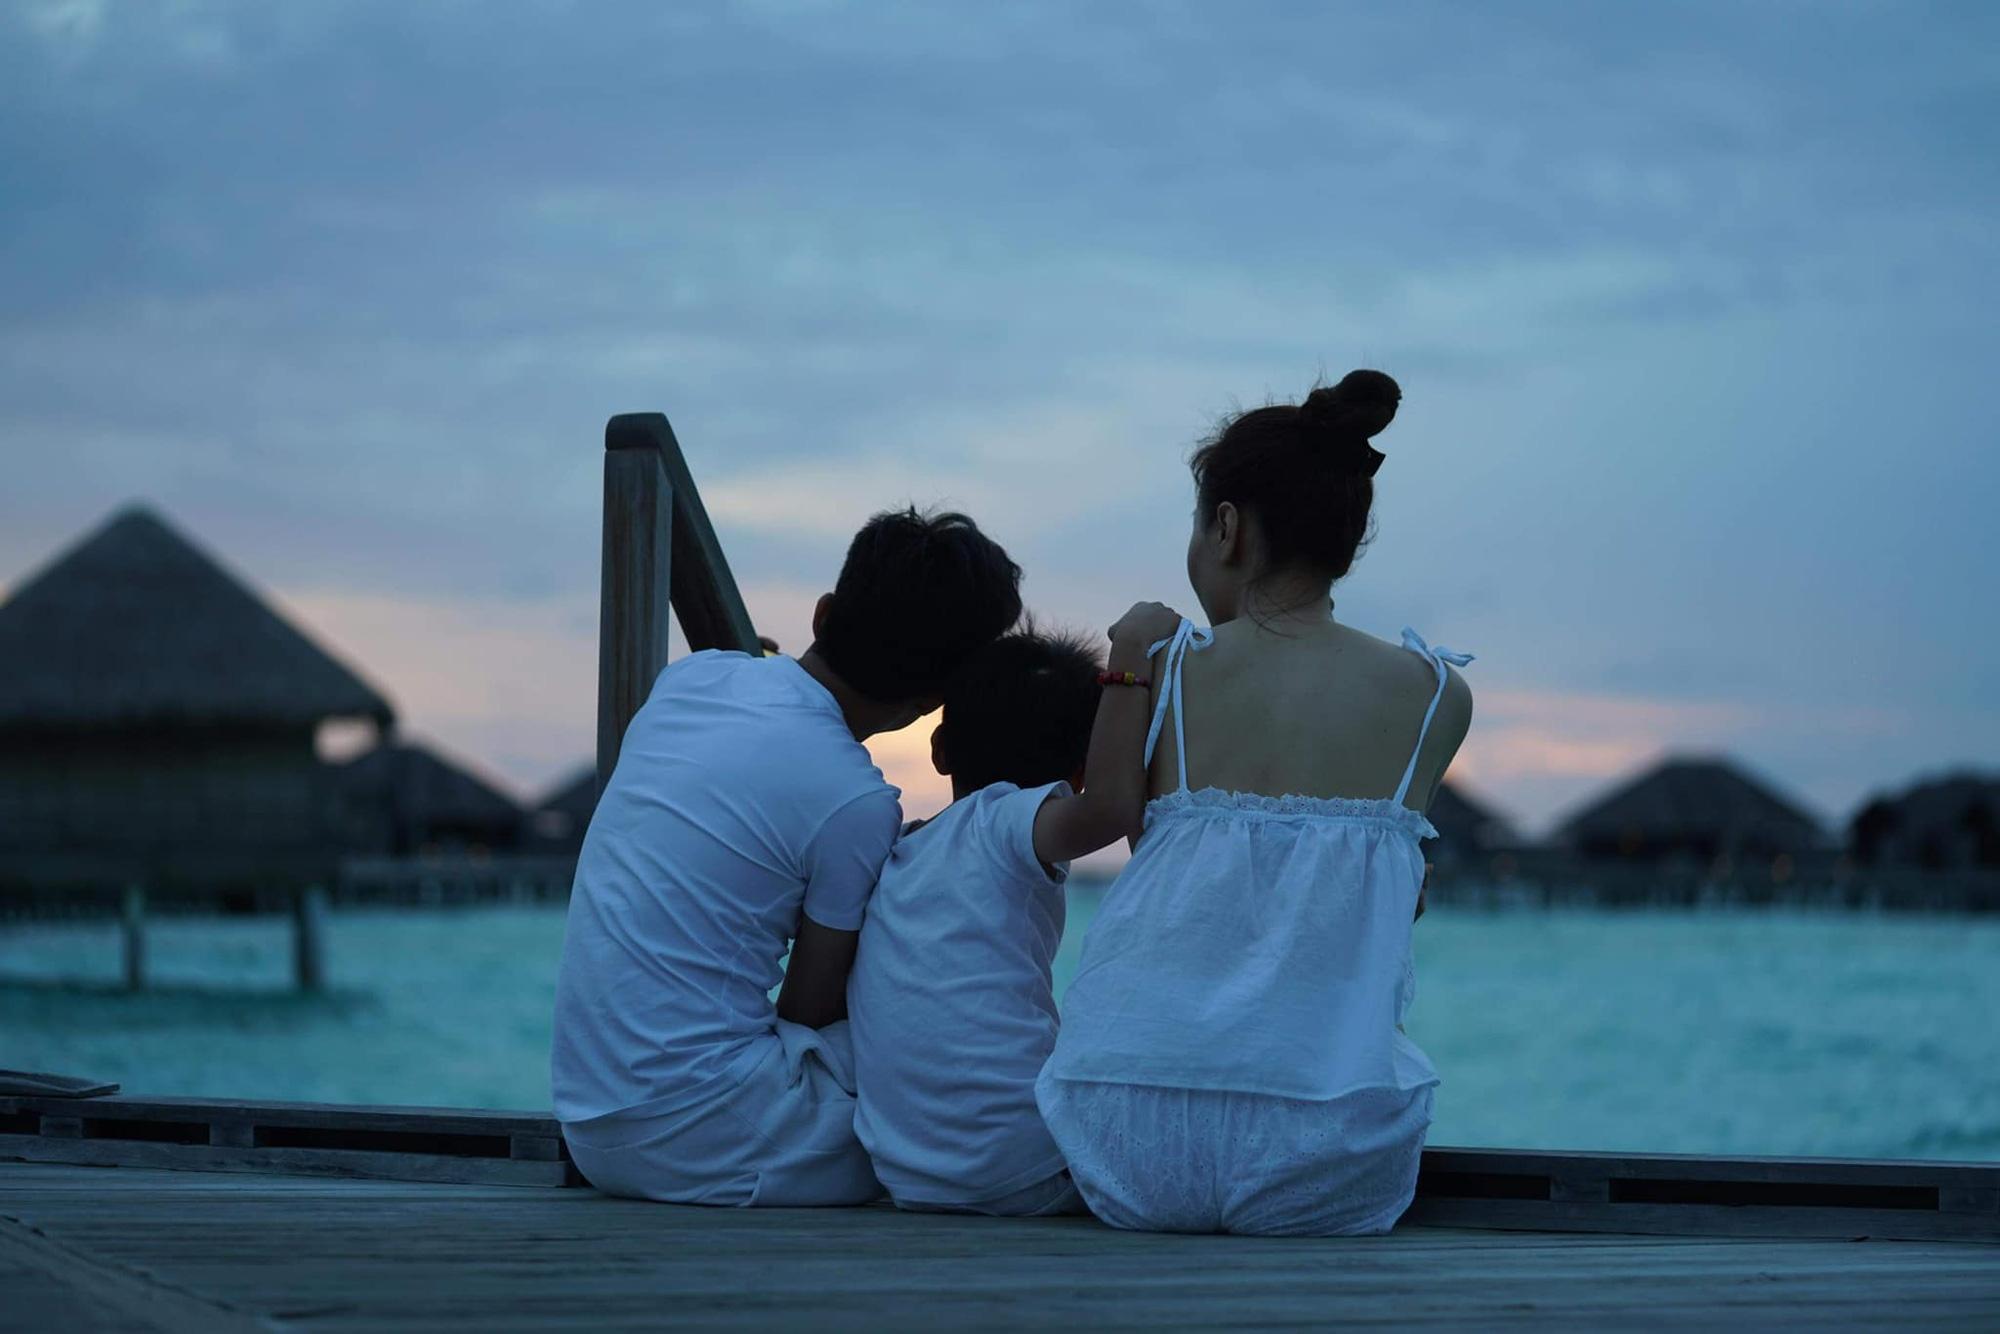 """Đàm Thu Trang đào"""" lại loạt ảnh du lịch với Subeo, Cường Đô La bình luận 1 câu là biết cưng ái nữ mới sinh thế nào-2"""